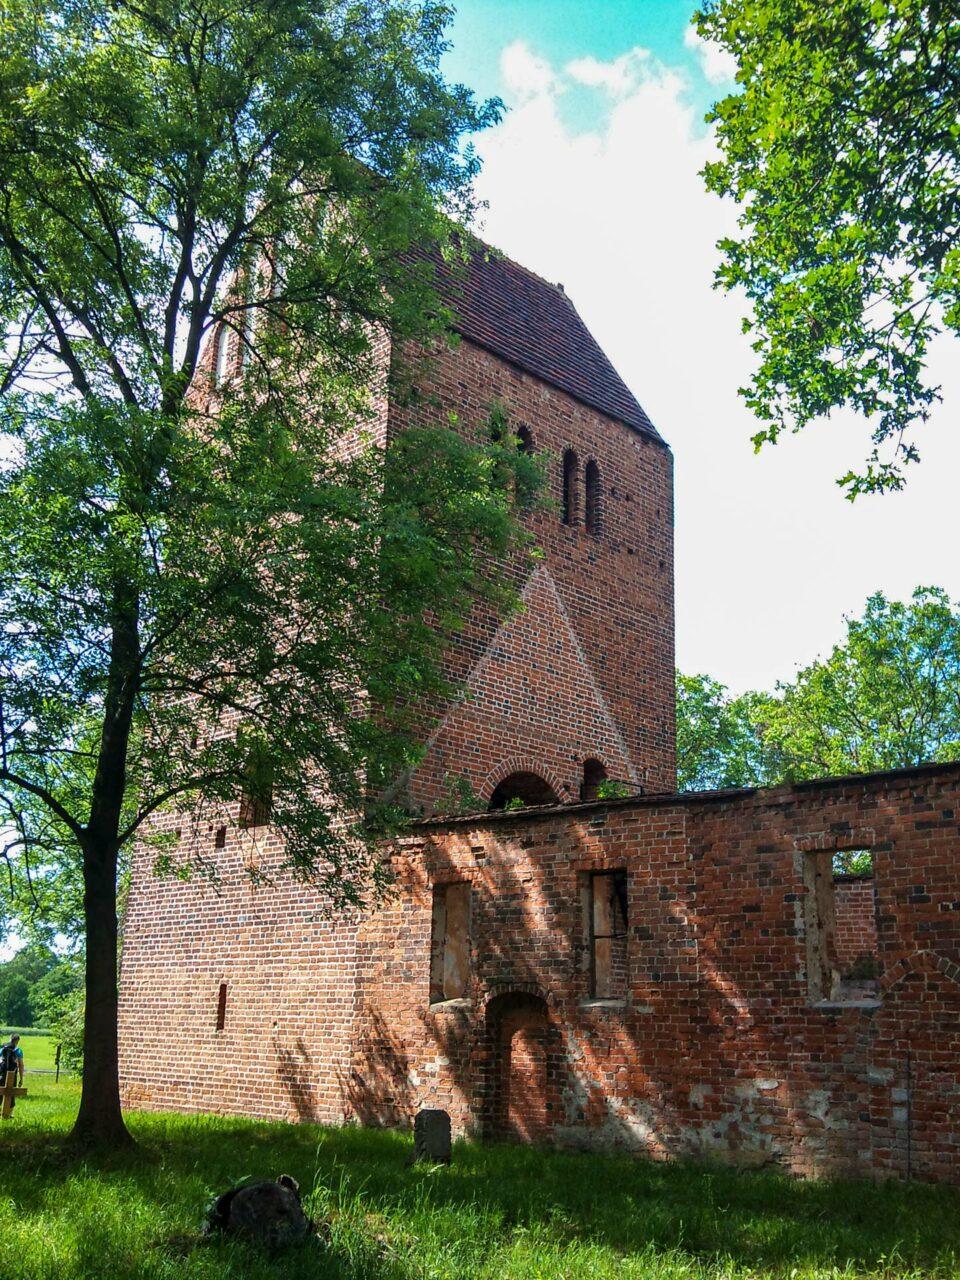 Die Kirchruine von Käcklitz. Nur der Turm und die Mauern stehen noch, der Rest des einst so blühenden Ortes ist verschwunden.